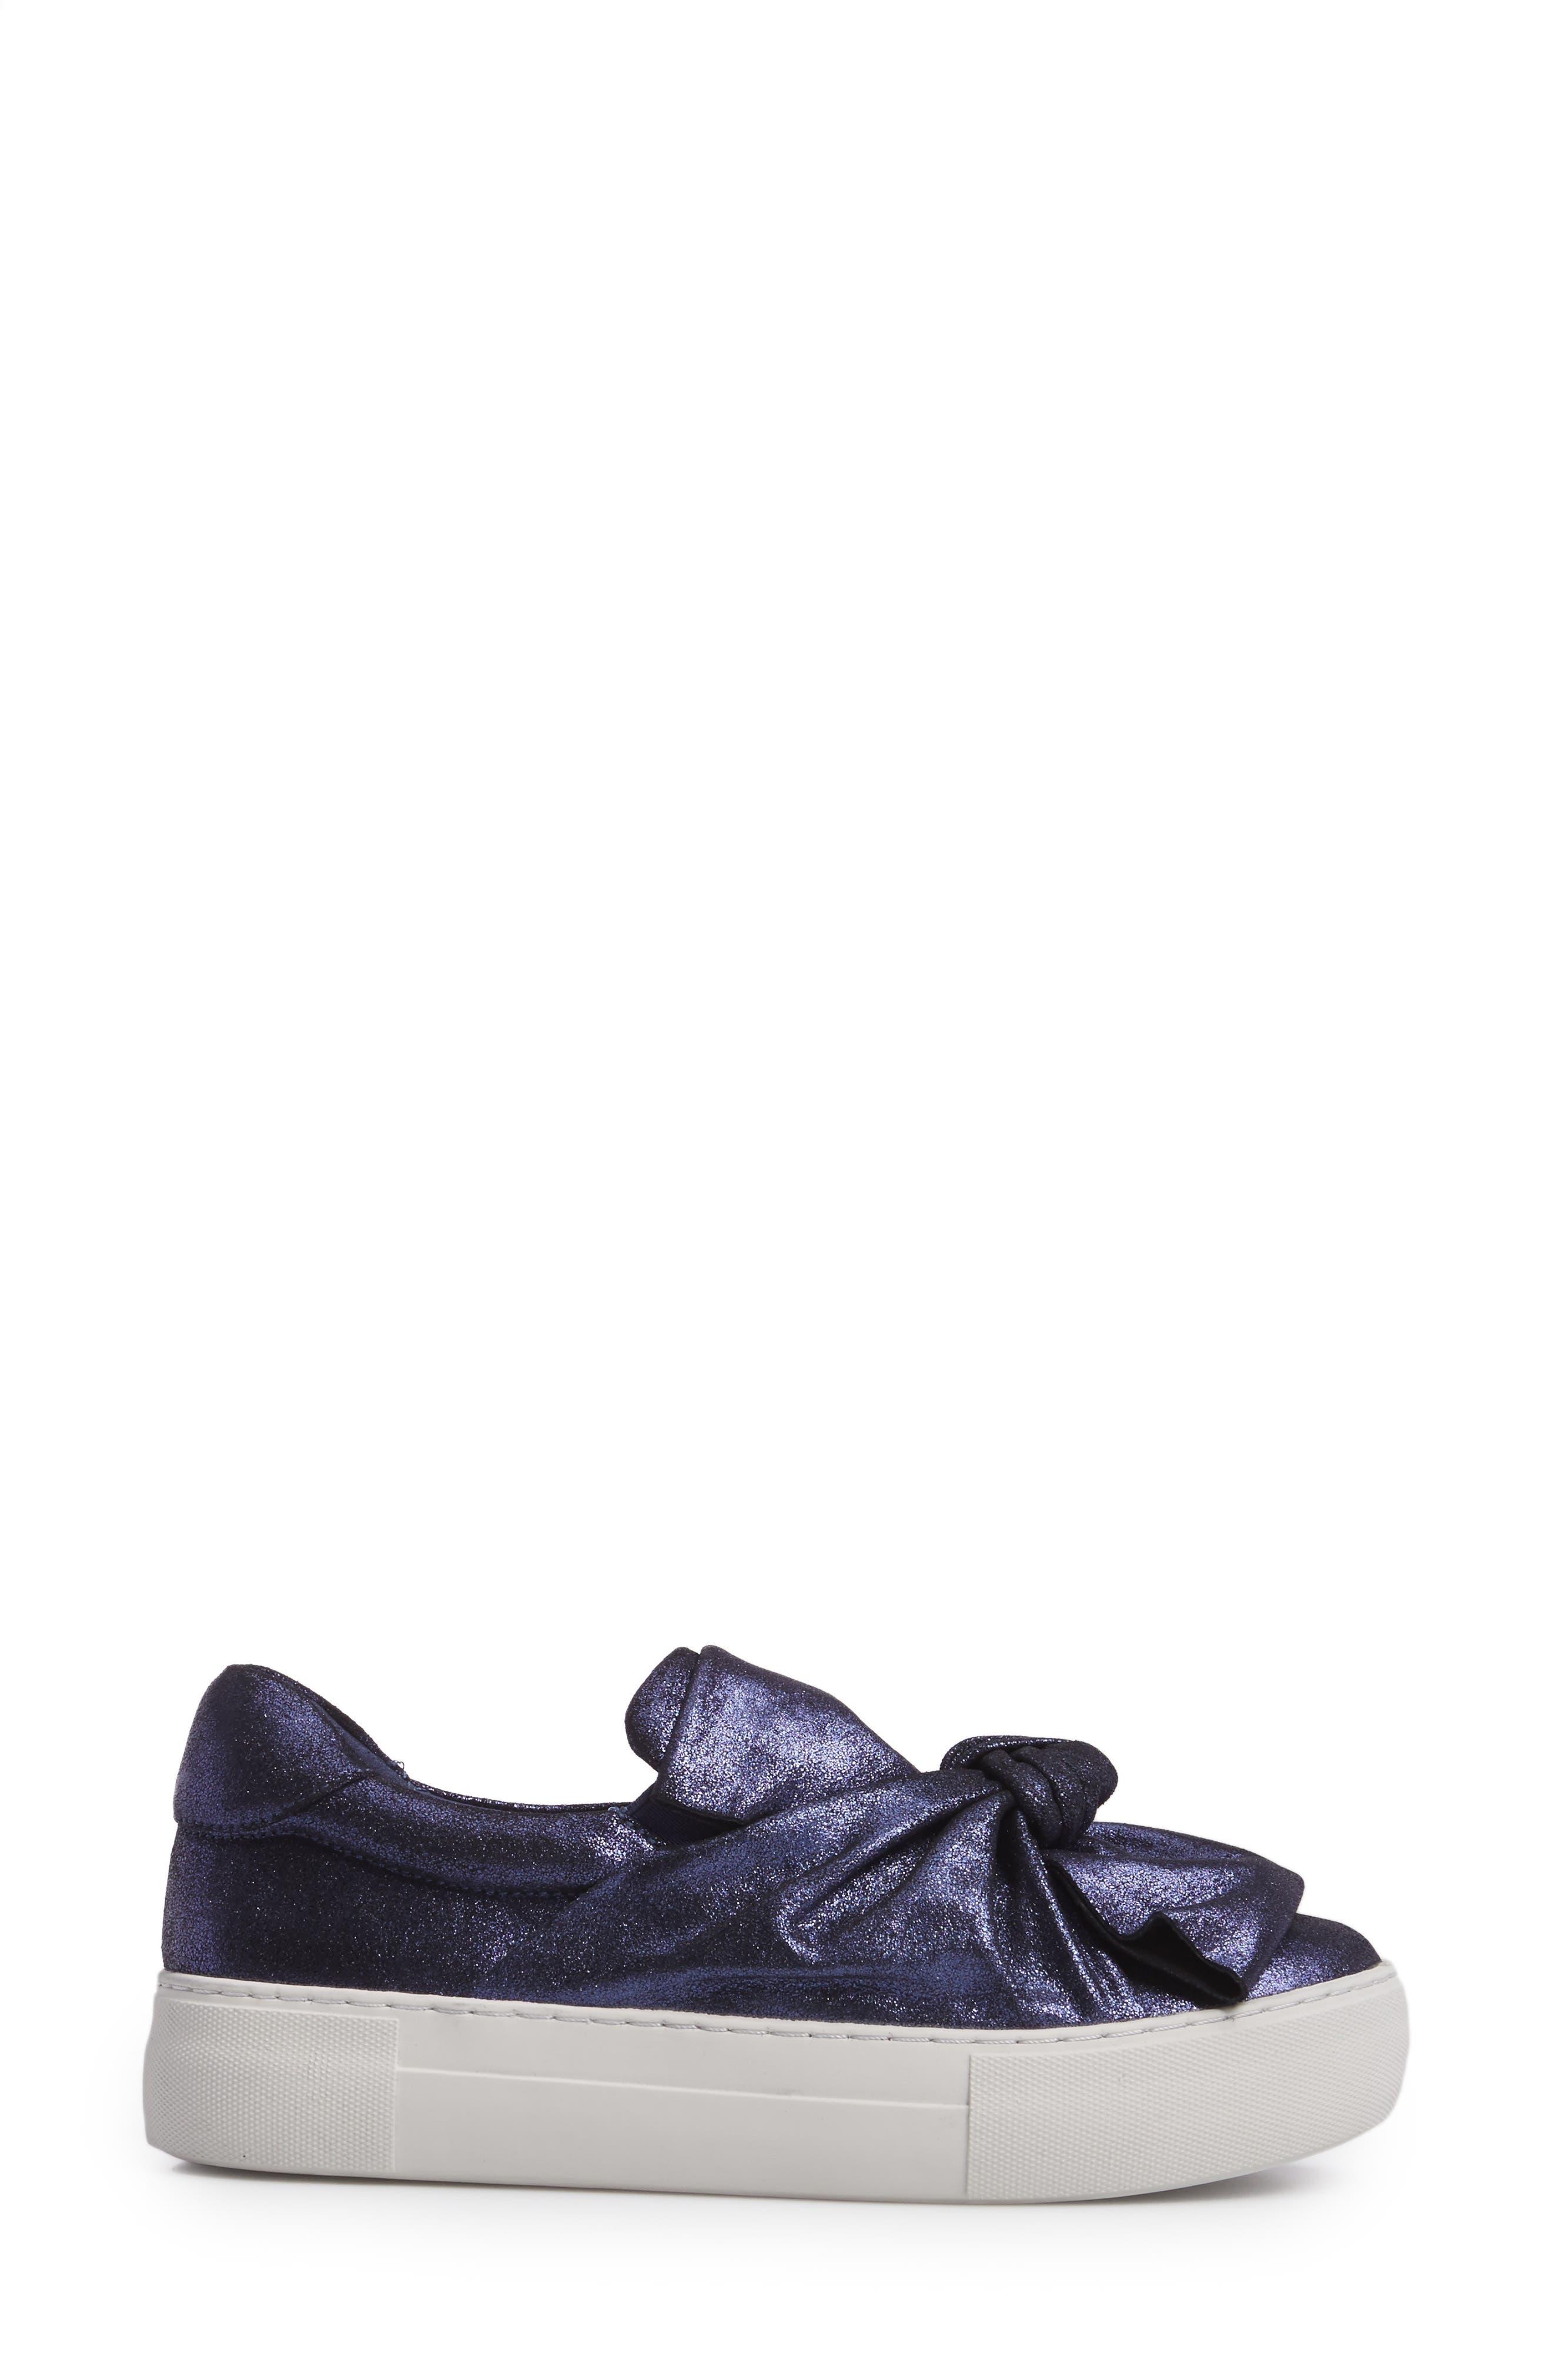 Audra Slip-On Sneaker,                             Alternate thumbnail 3, color,                             Navy Leather